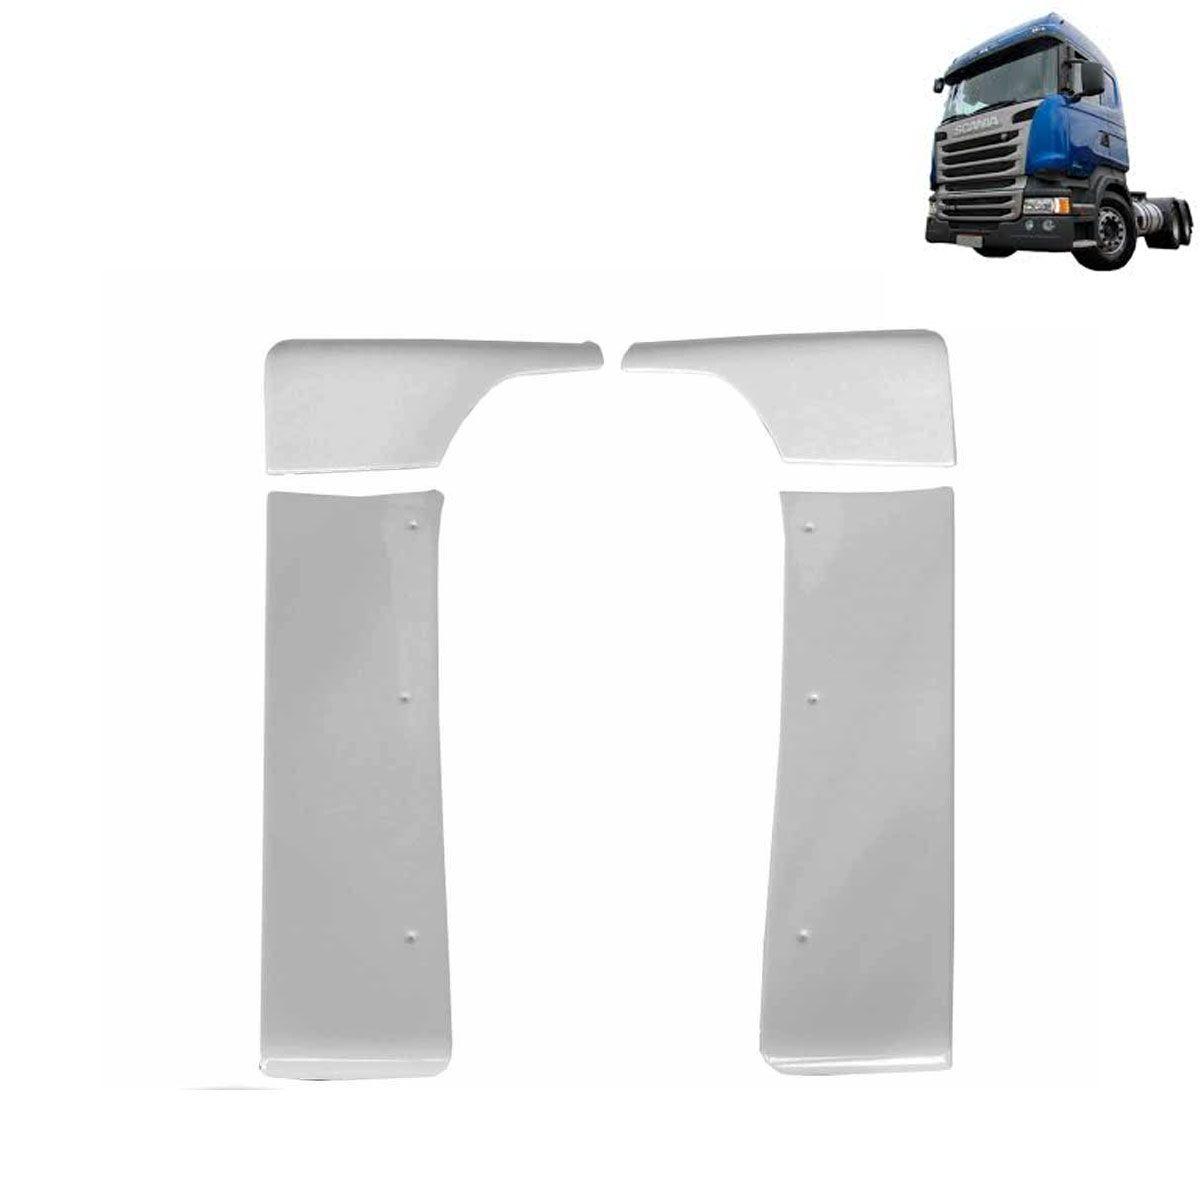 Cegonheiro Compatível com o Caminhão Scania S4 | S5 Cabine G | Streamline sem Filtro